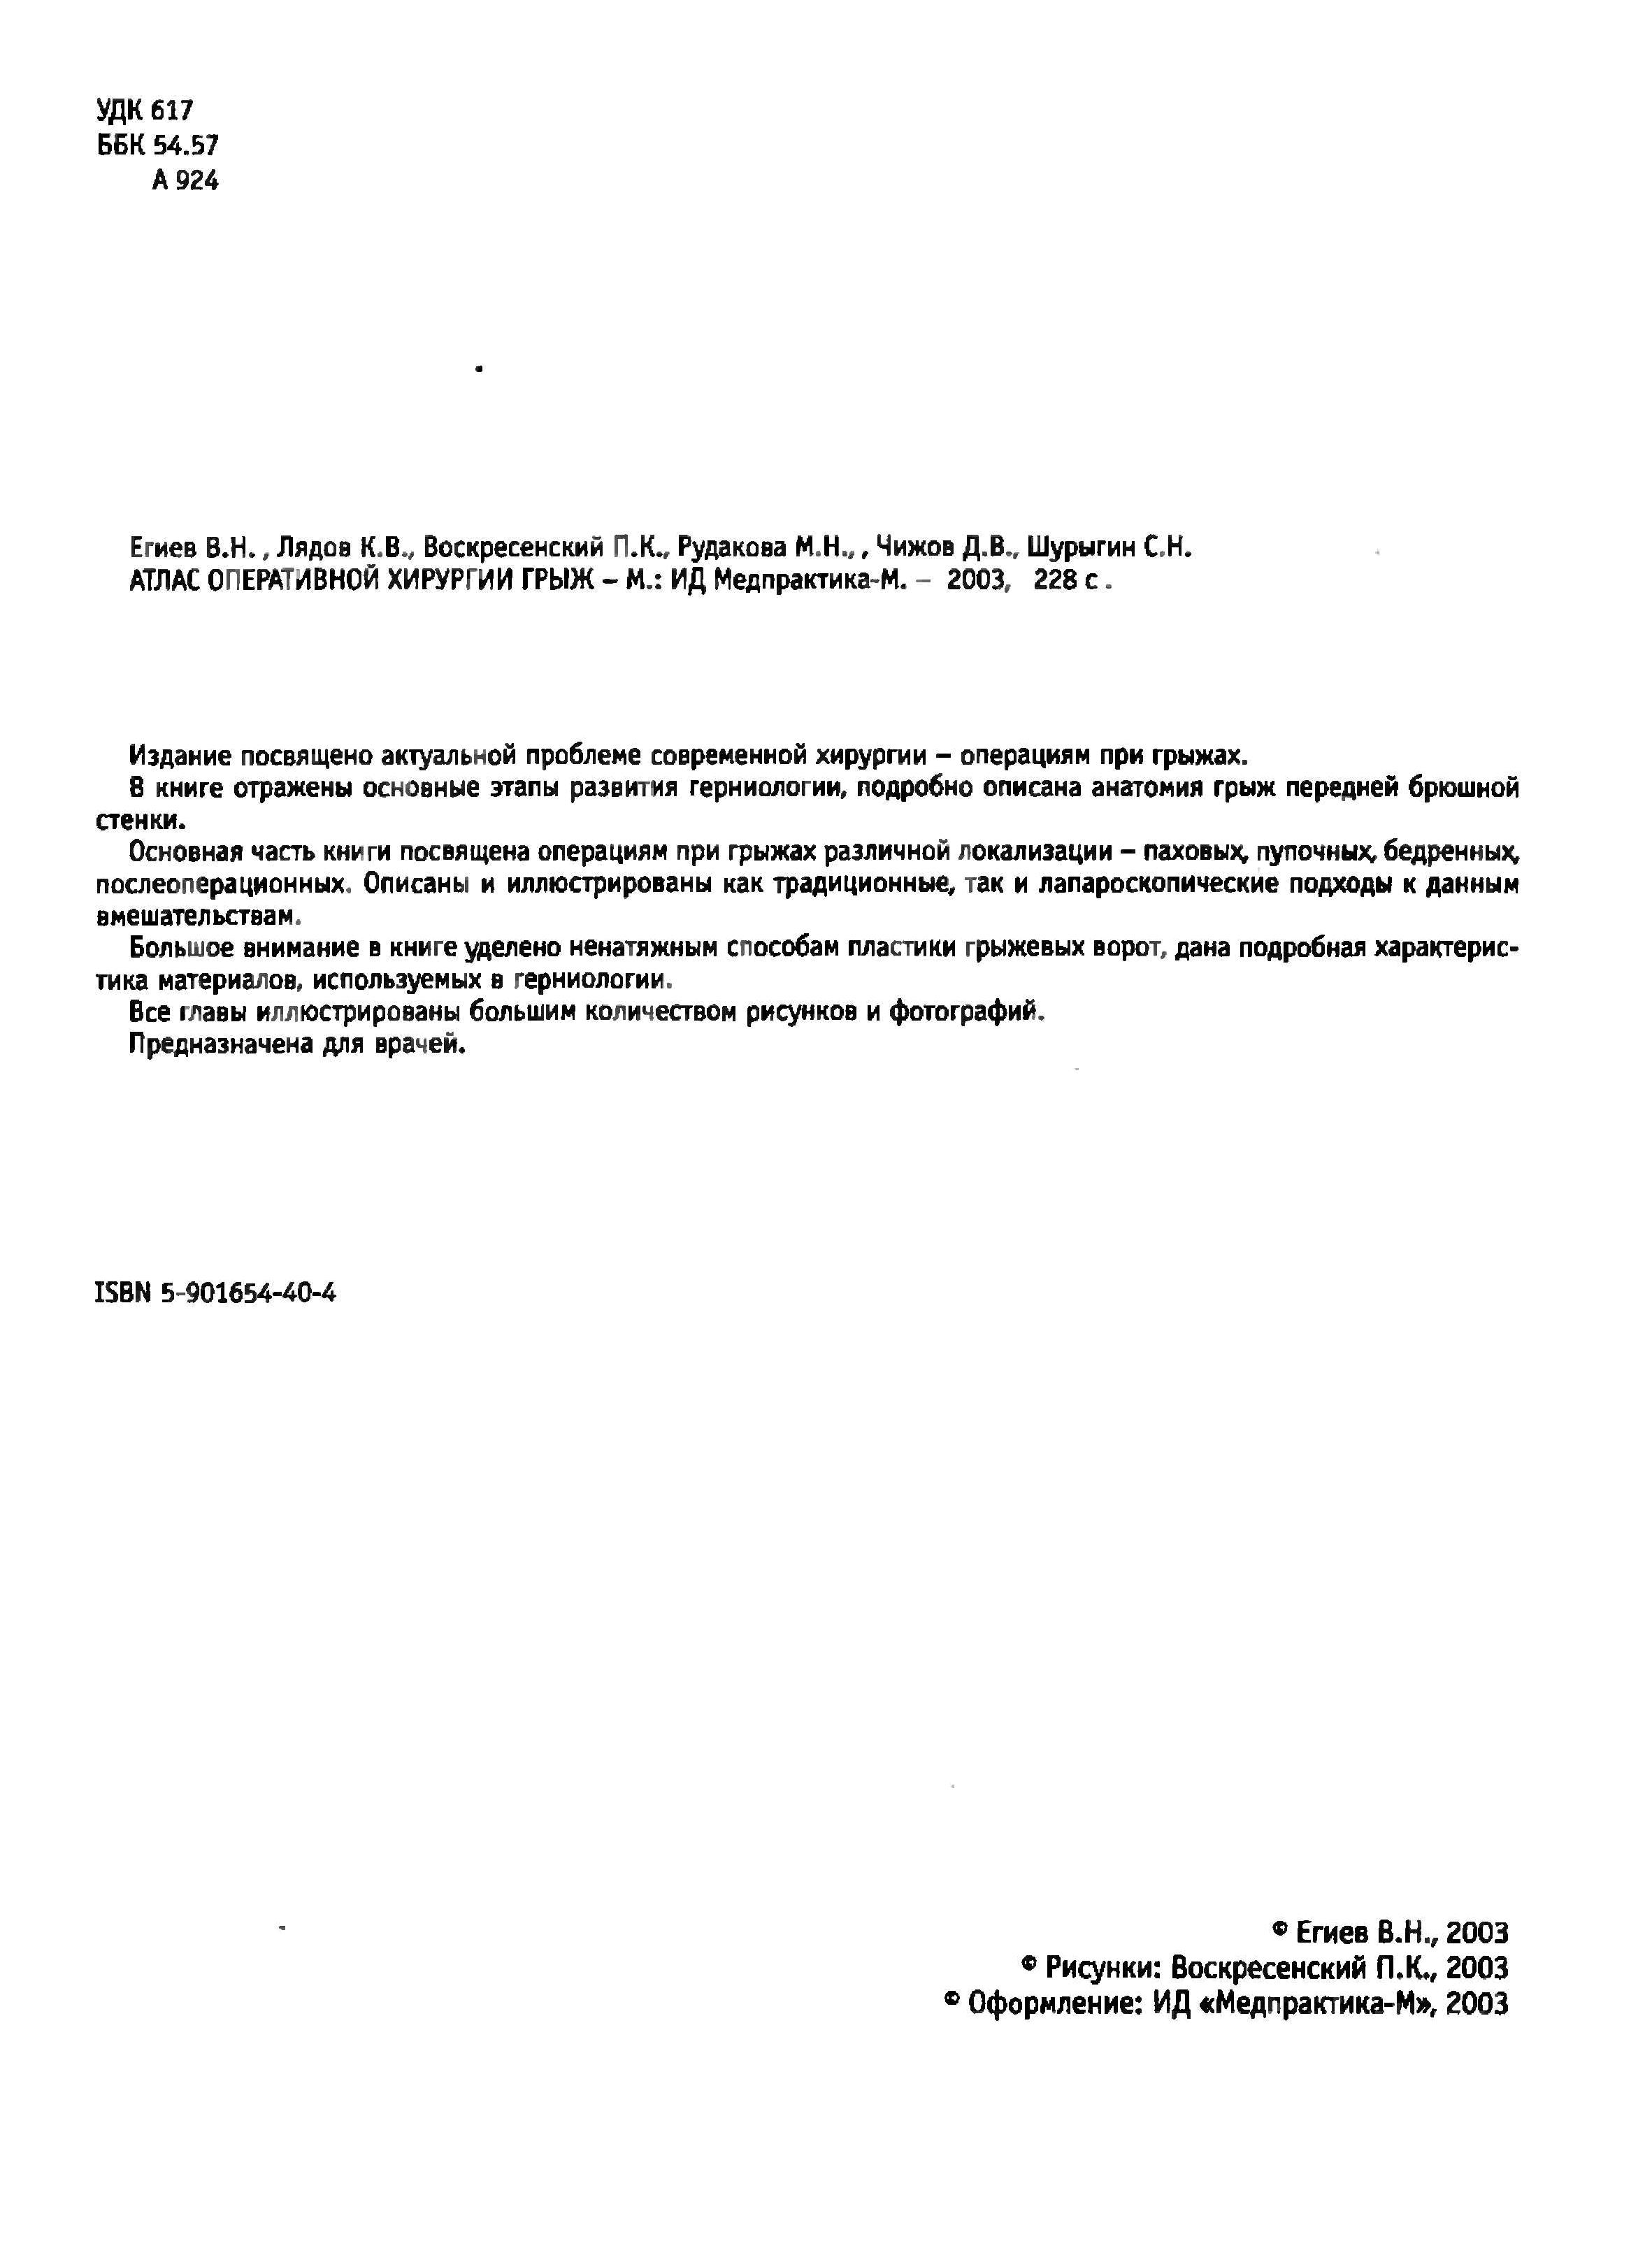 ГРЫЖИ ЕГИЕВ В.Н ВОСКРЕСЕНСКИЙ П.К СКАЧАТЬ БЕСПЛАТНО